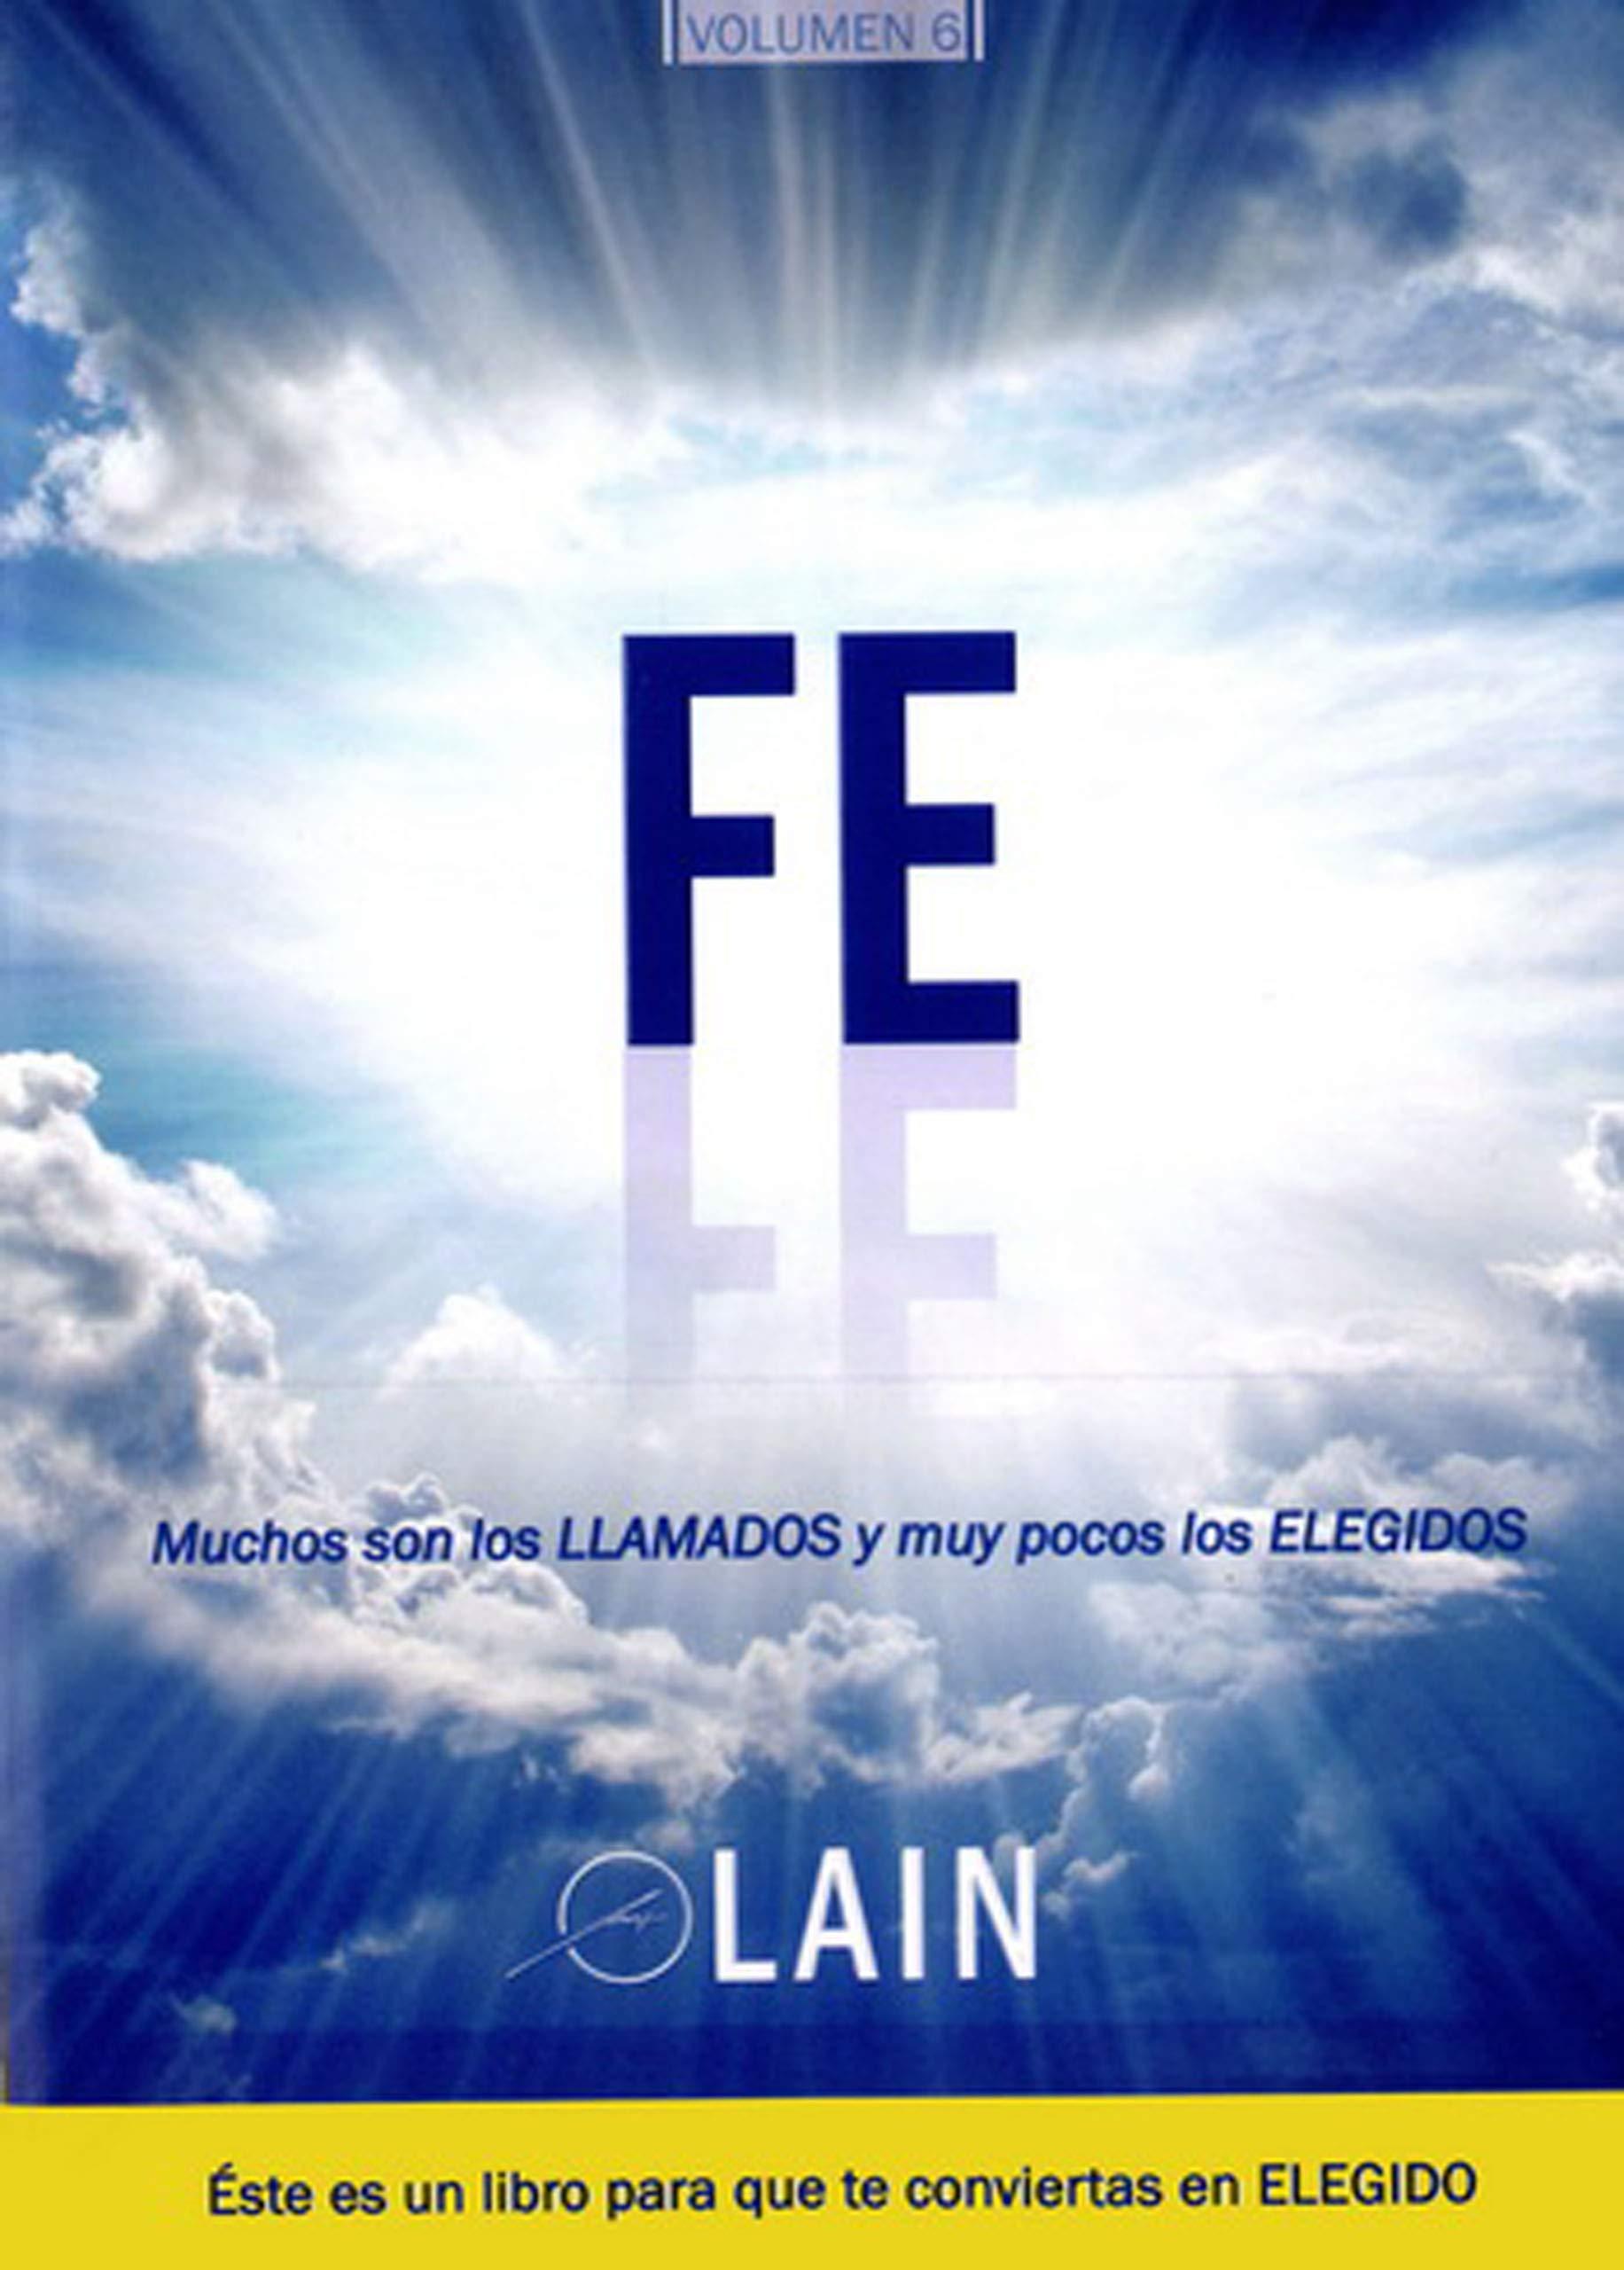 Fe - Volumen 6: Amazon.es: Lain Garcia Calvo, Lain Garcia Calvo ...